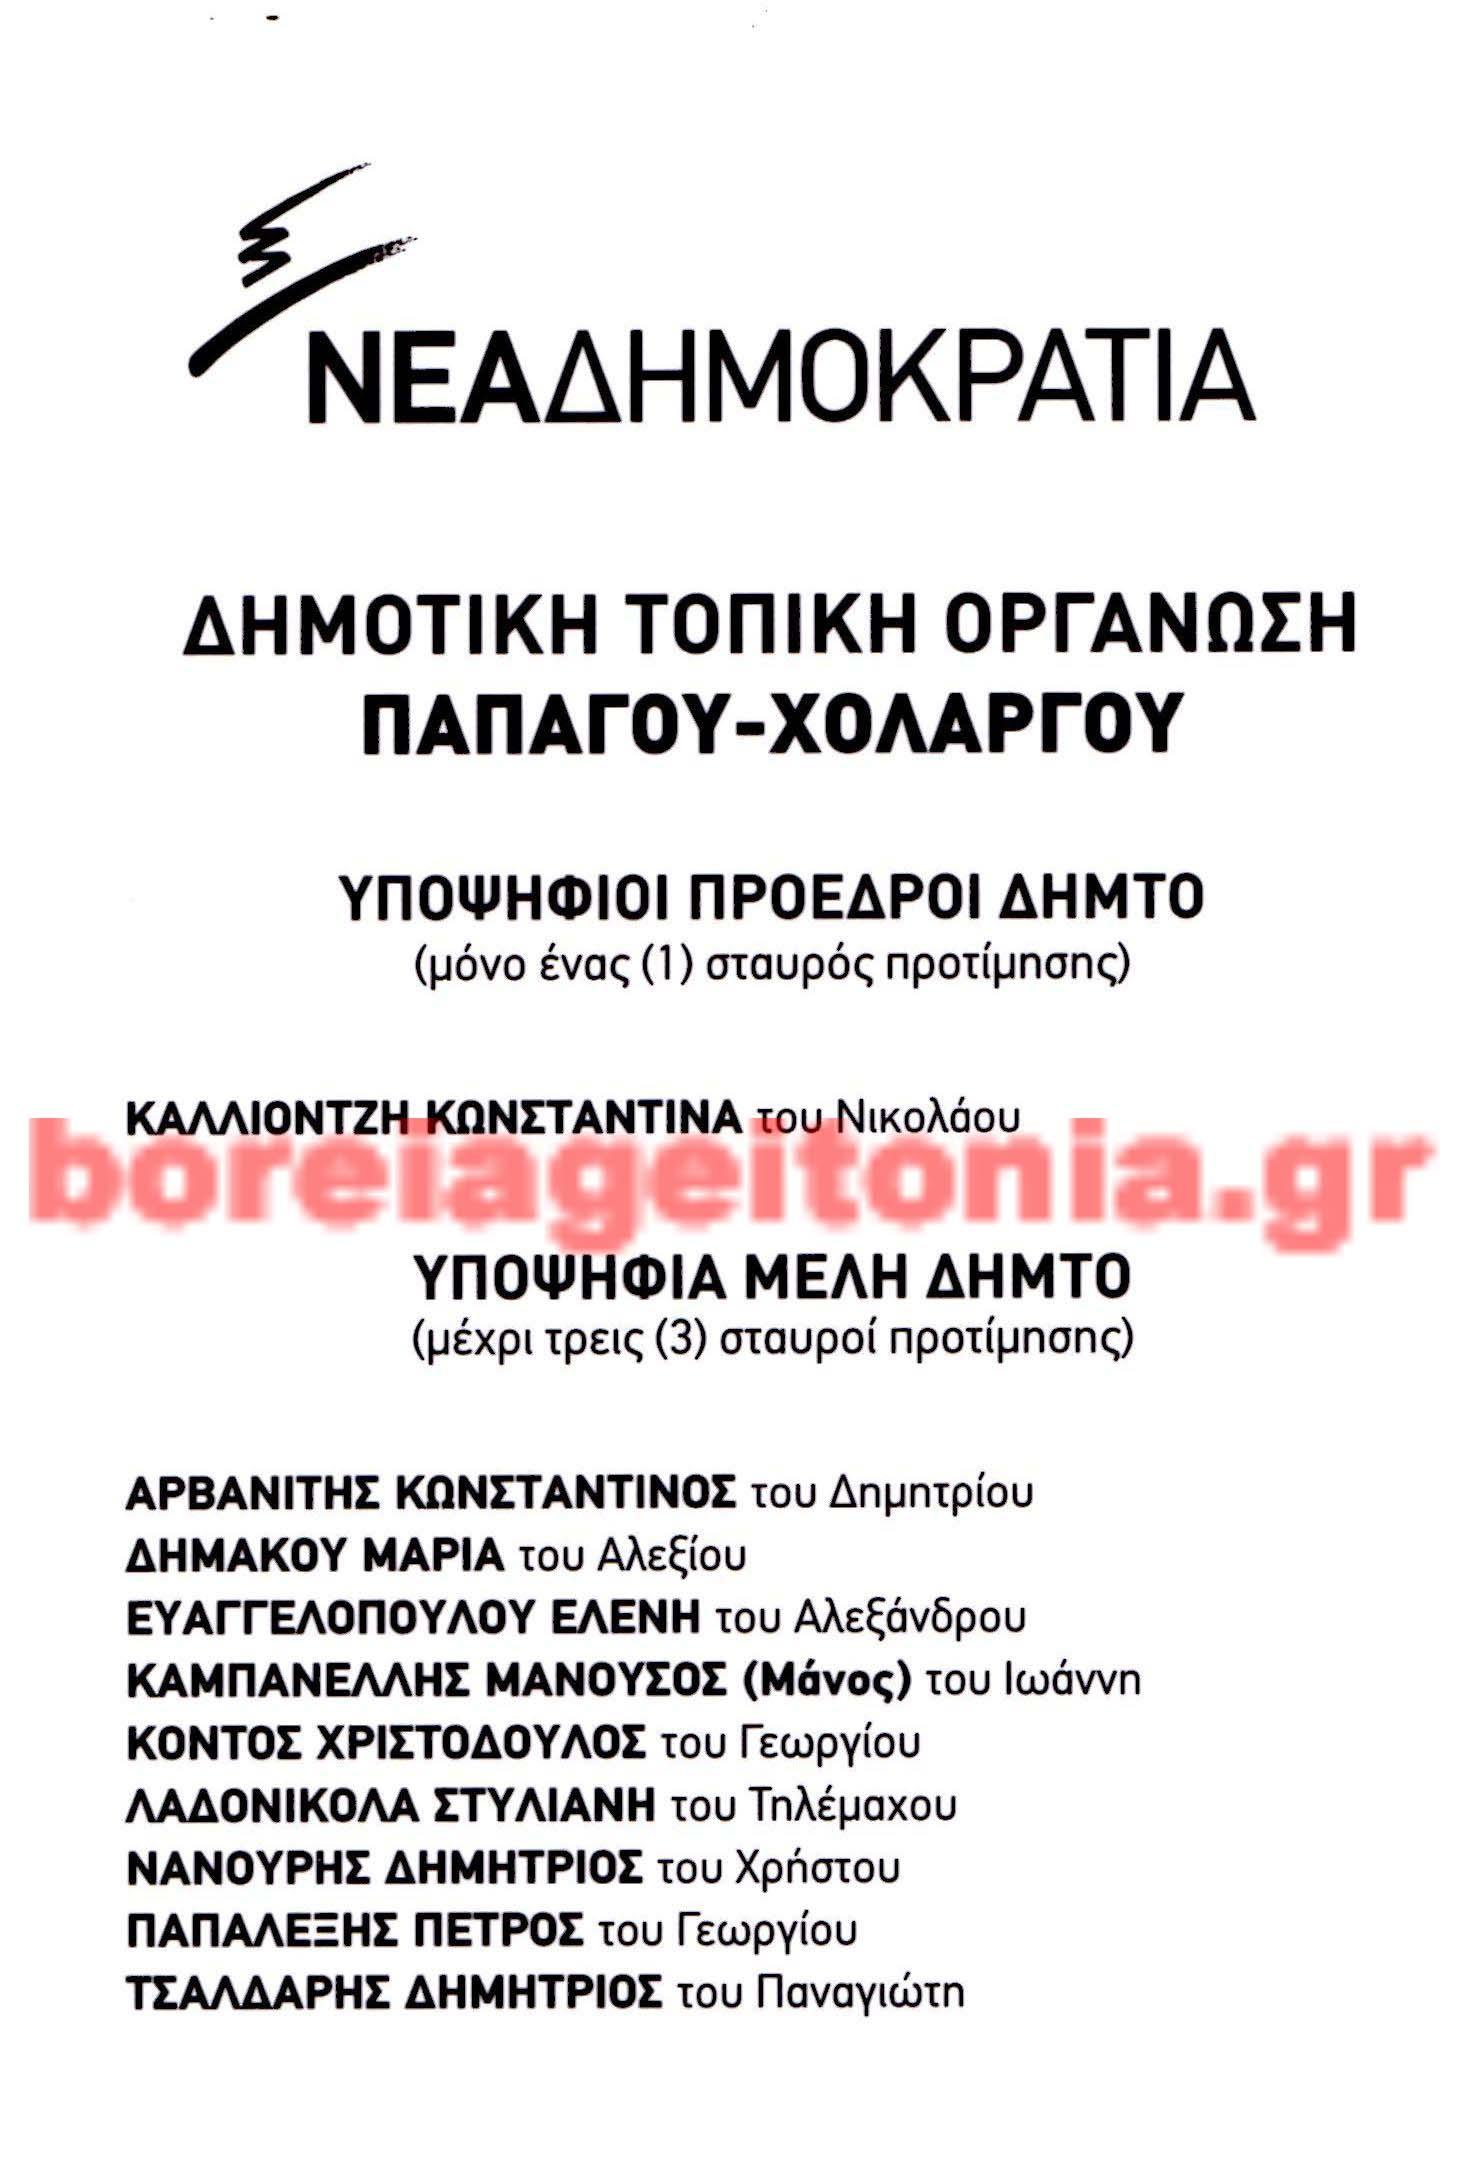 Δημοτική τοπική οργάνωση Παπάγου -Χολαργού Νέας Δημοκρατίας